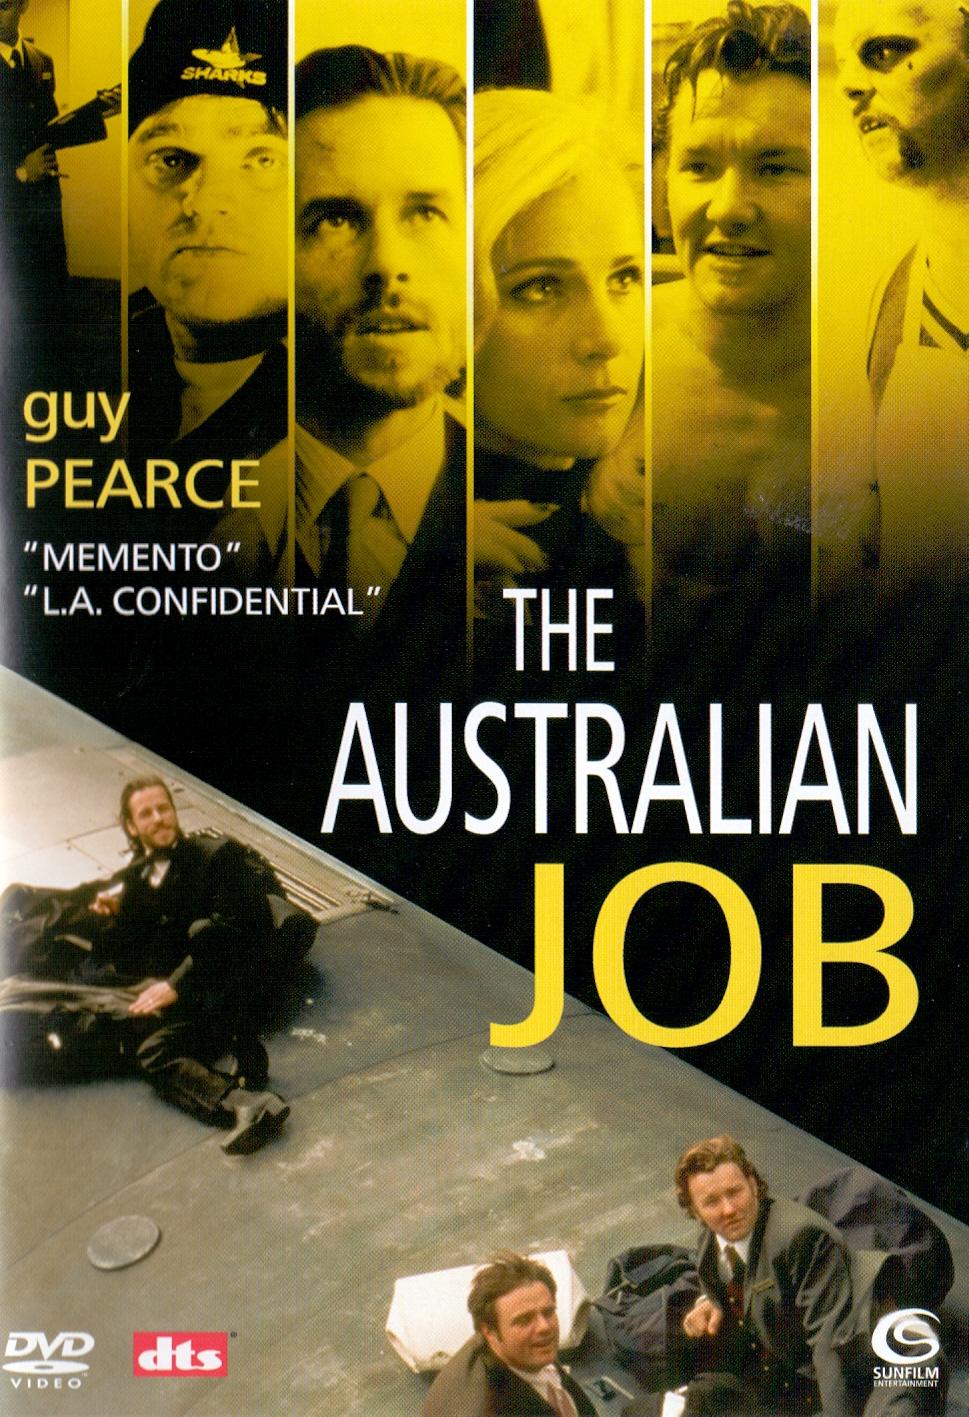 The Australian Job